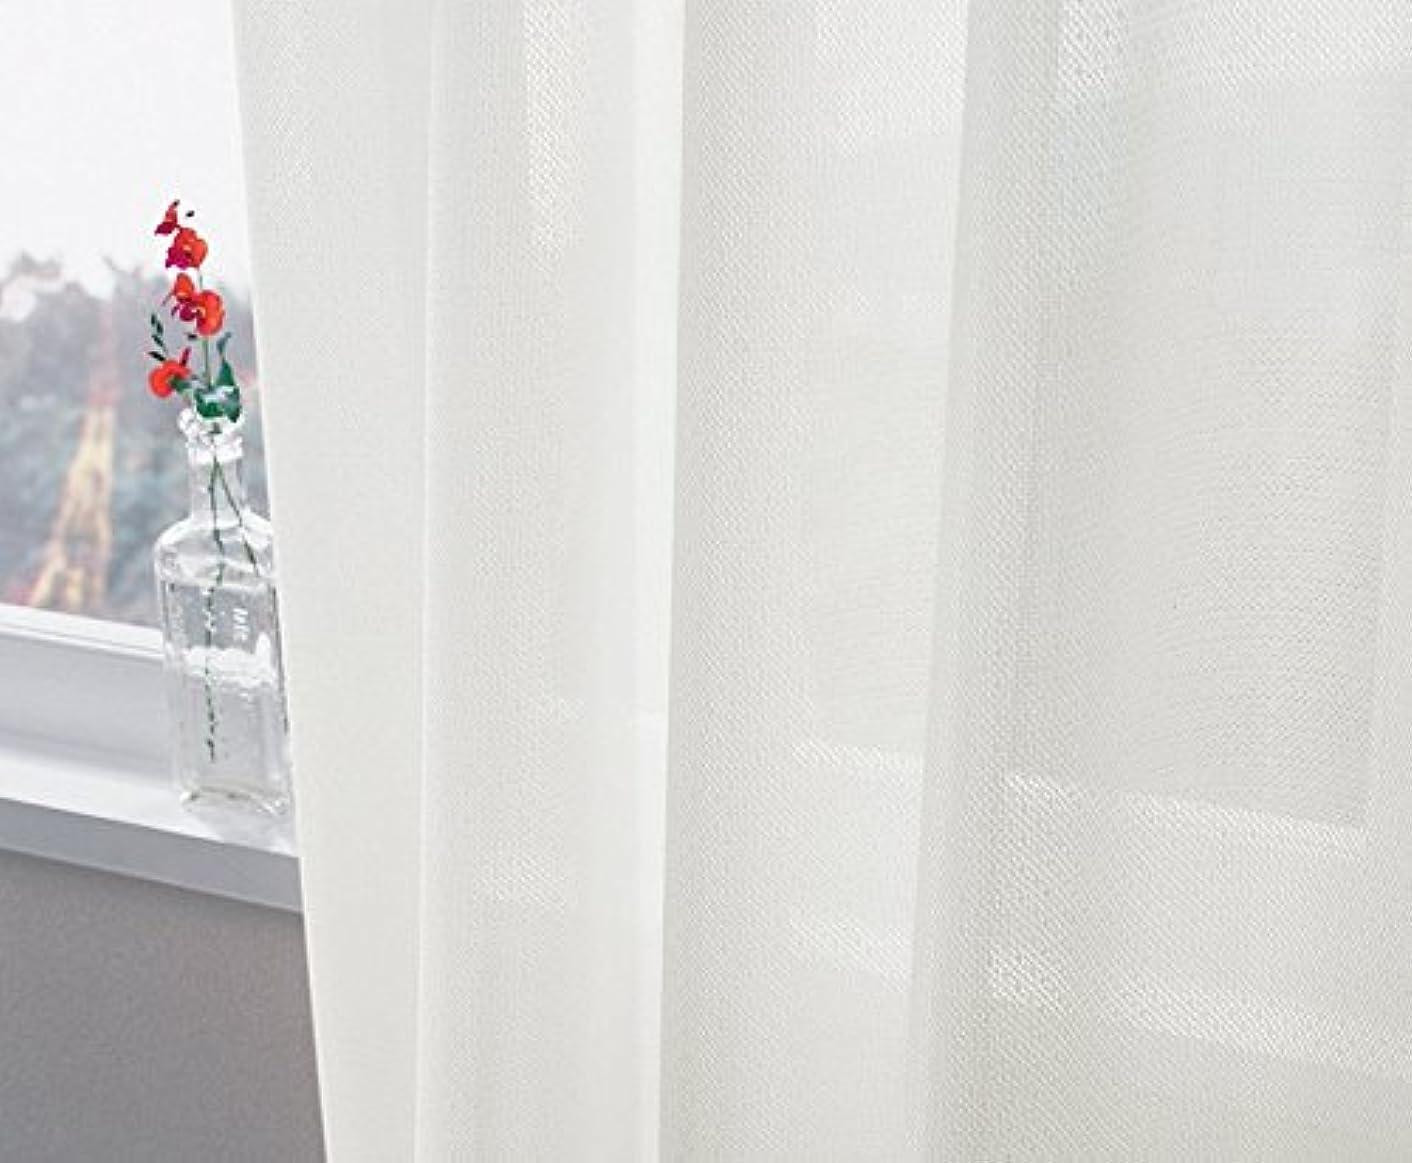 カリキュラムスプレー煙突東リ ボリューム感のある無地調ミラーレース カーテン2倍ヒダ KSA60478 幅:100cm ×丈:210cm (2枚組)オーダーカーテン